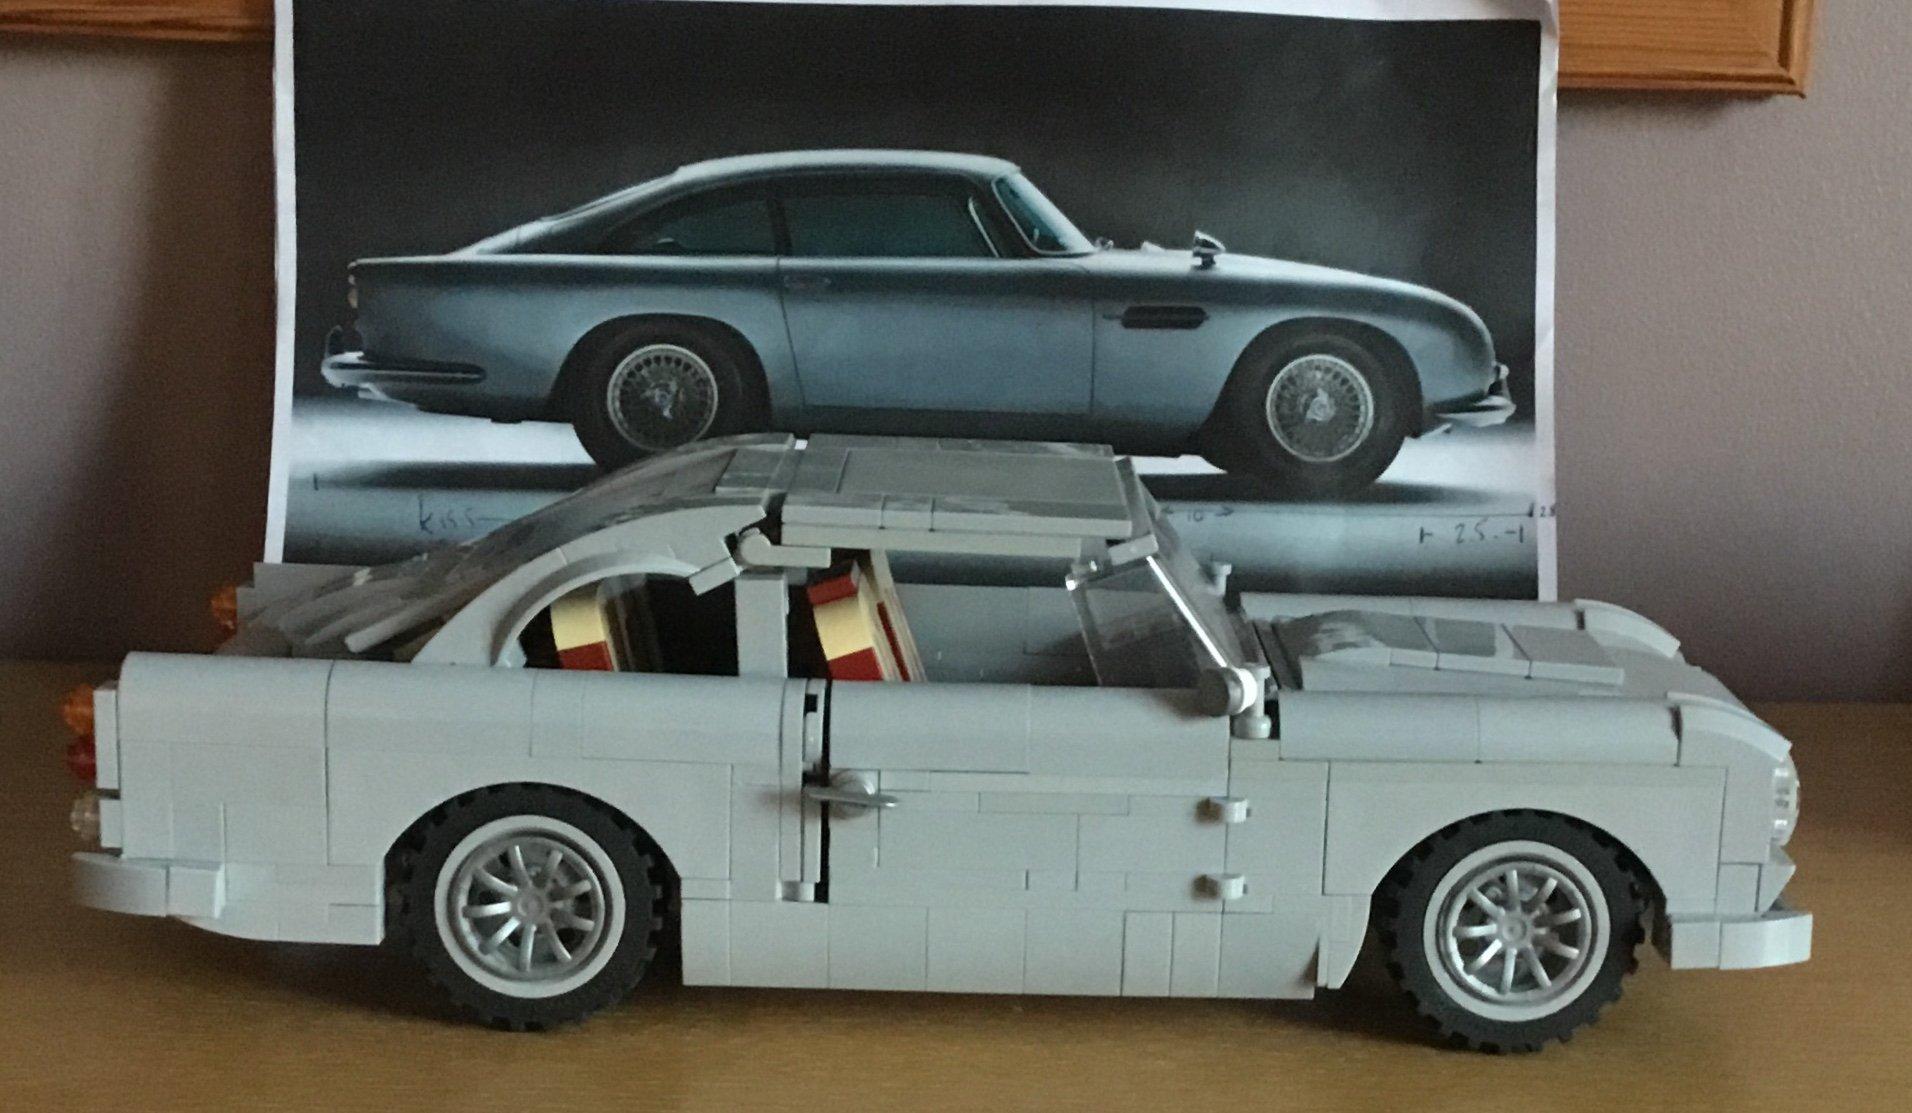 007 aston martin official lego brickset forum. Black Bedroom Furniture Sets. Home Design Ideas